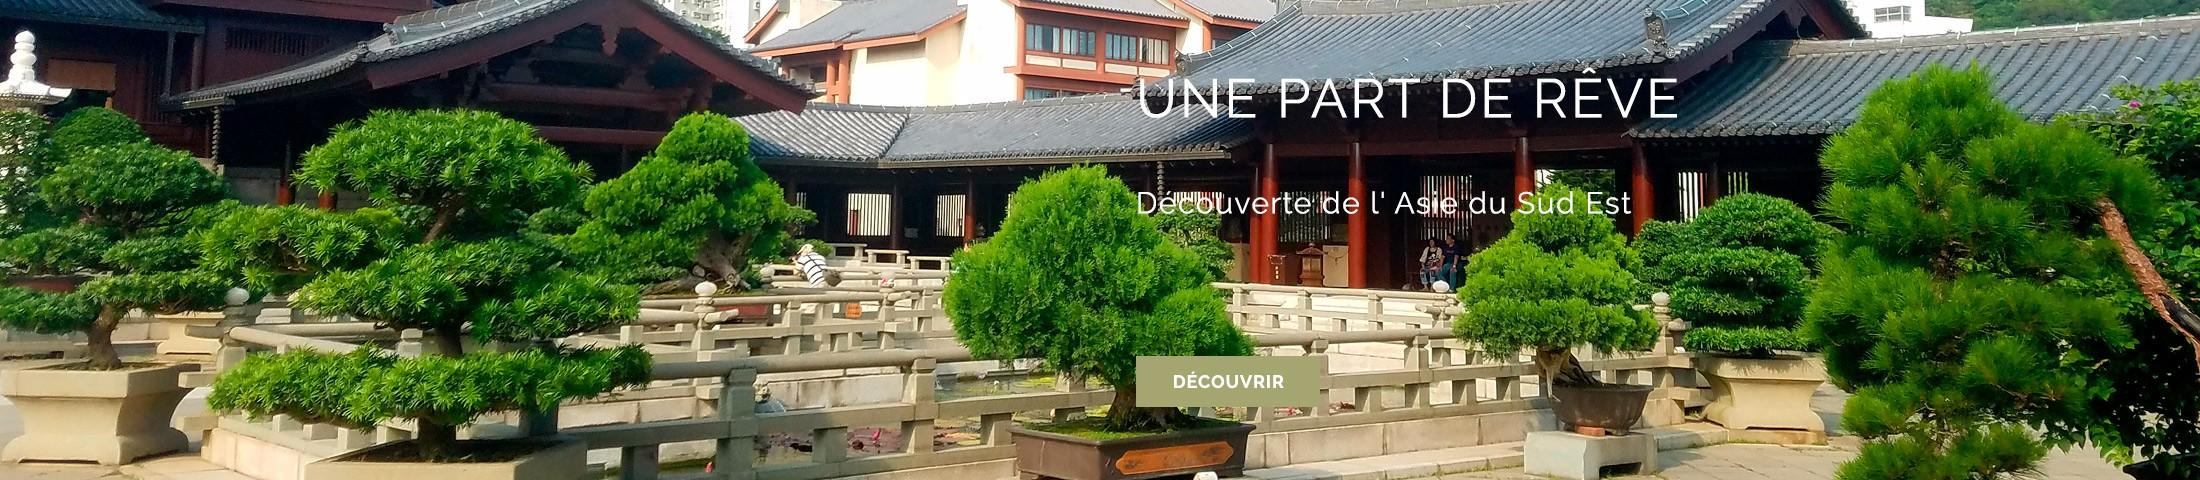 Kaolan, Monde et Jardins - vous propose une large gamme de produits de décoration et de qualité, tout droit venue d'Asie du Sud Est, pour égayer vos extérieurs, vos terrasses et vos jardins